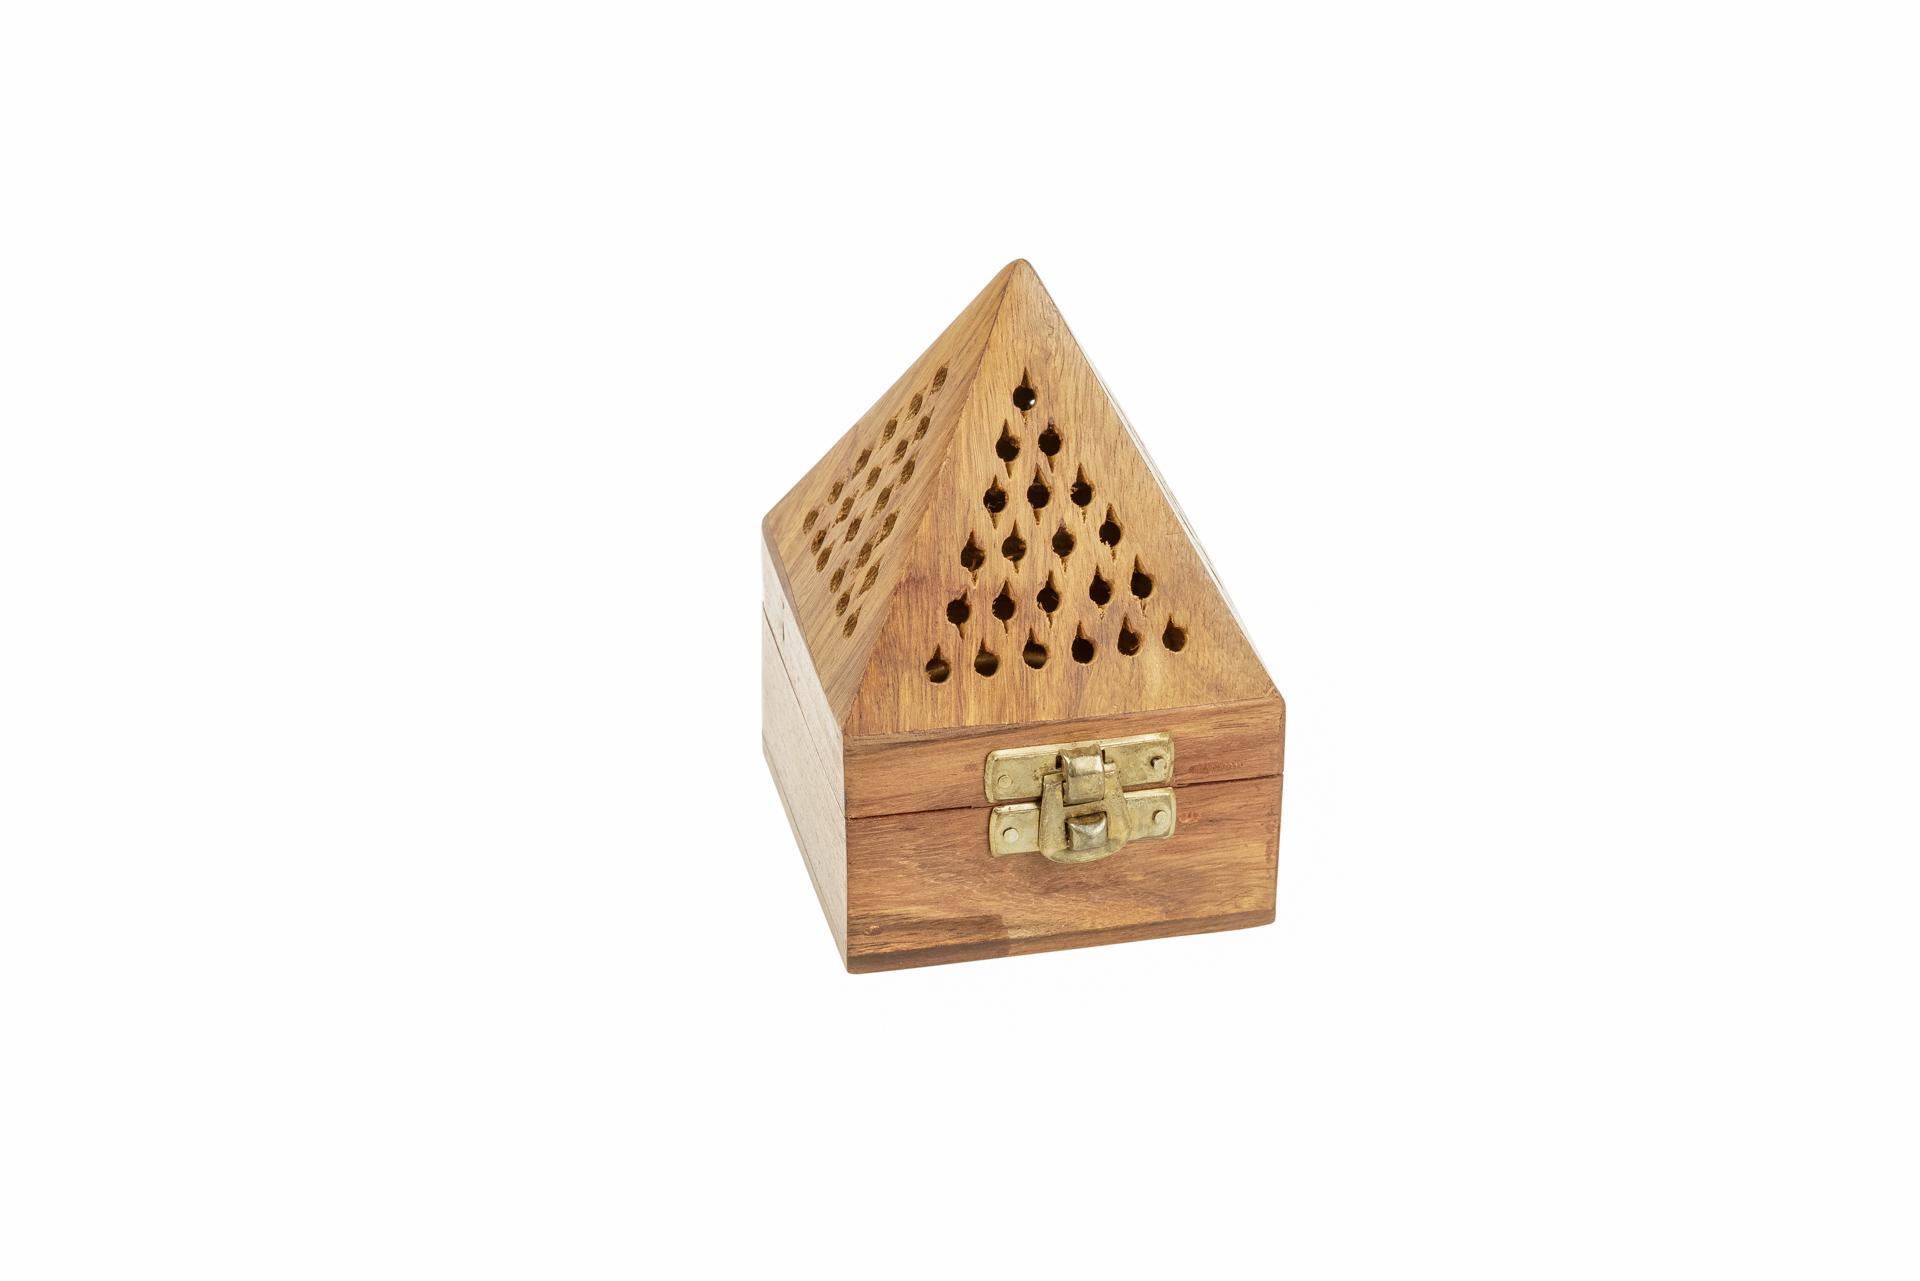 Wooden cone hut 7.5cm square